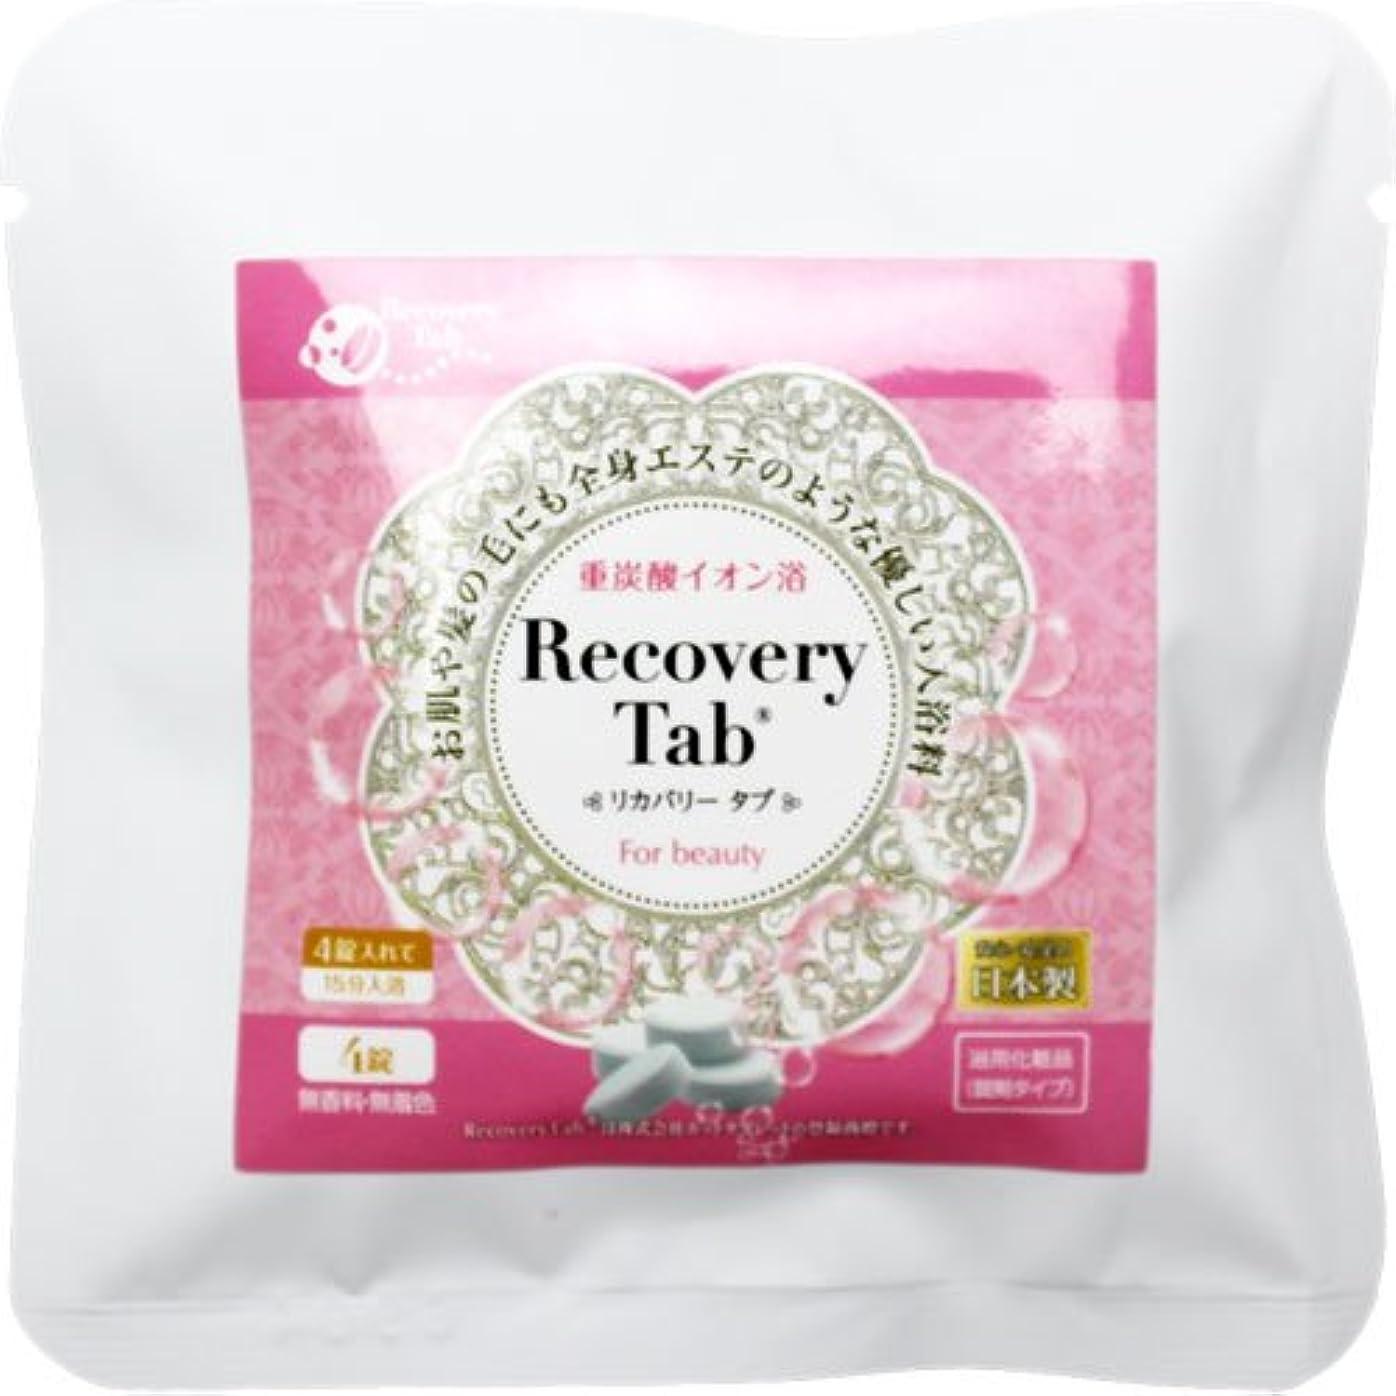 著名な気まぐれな絶滅させるRecovery Tab(リカバリータブ)(4錠)炭酸浴